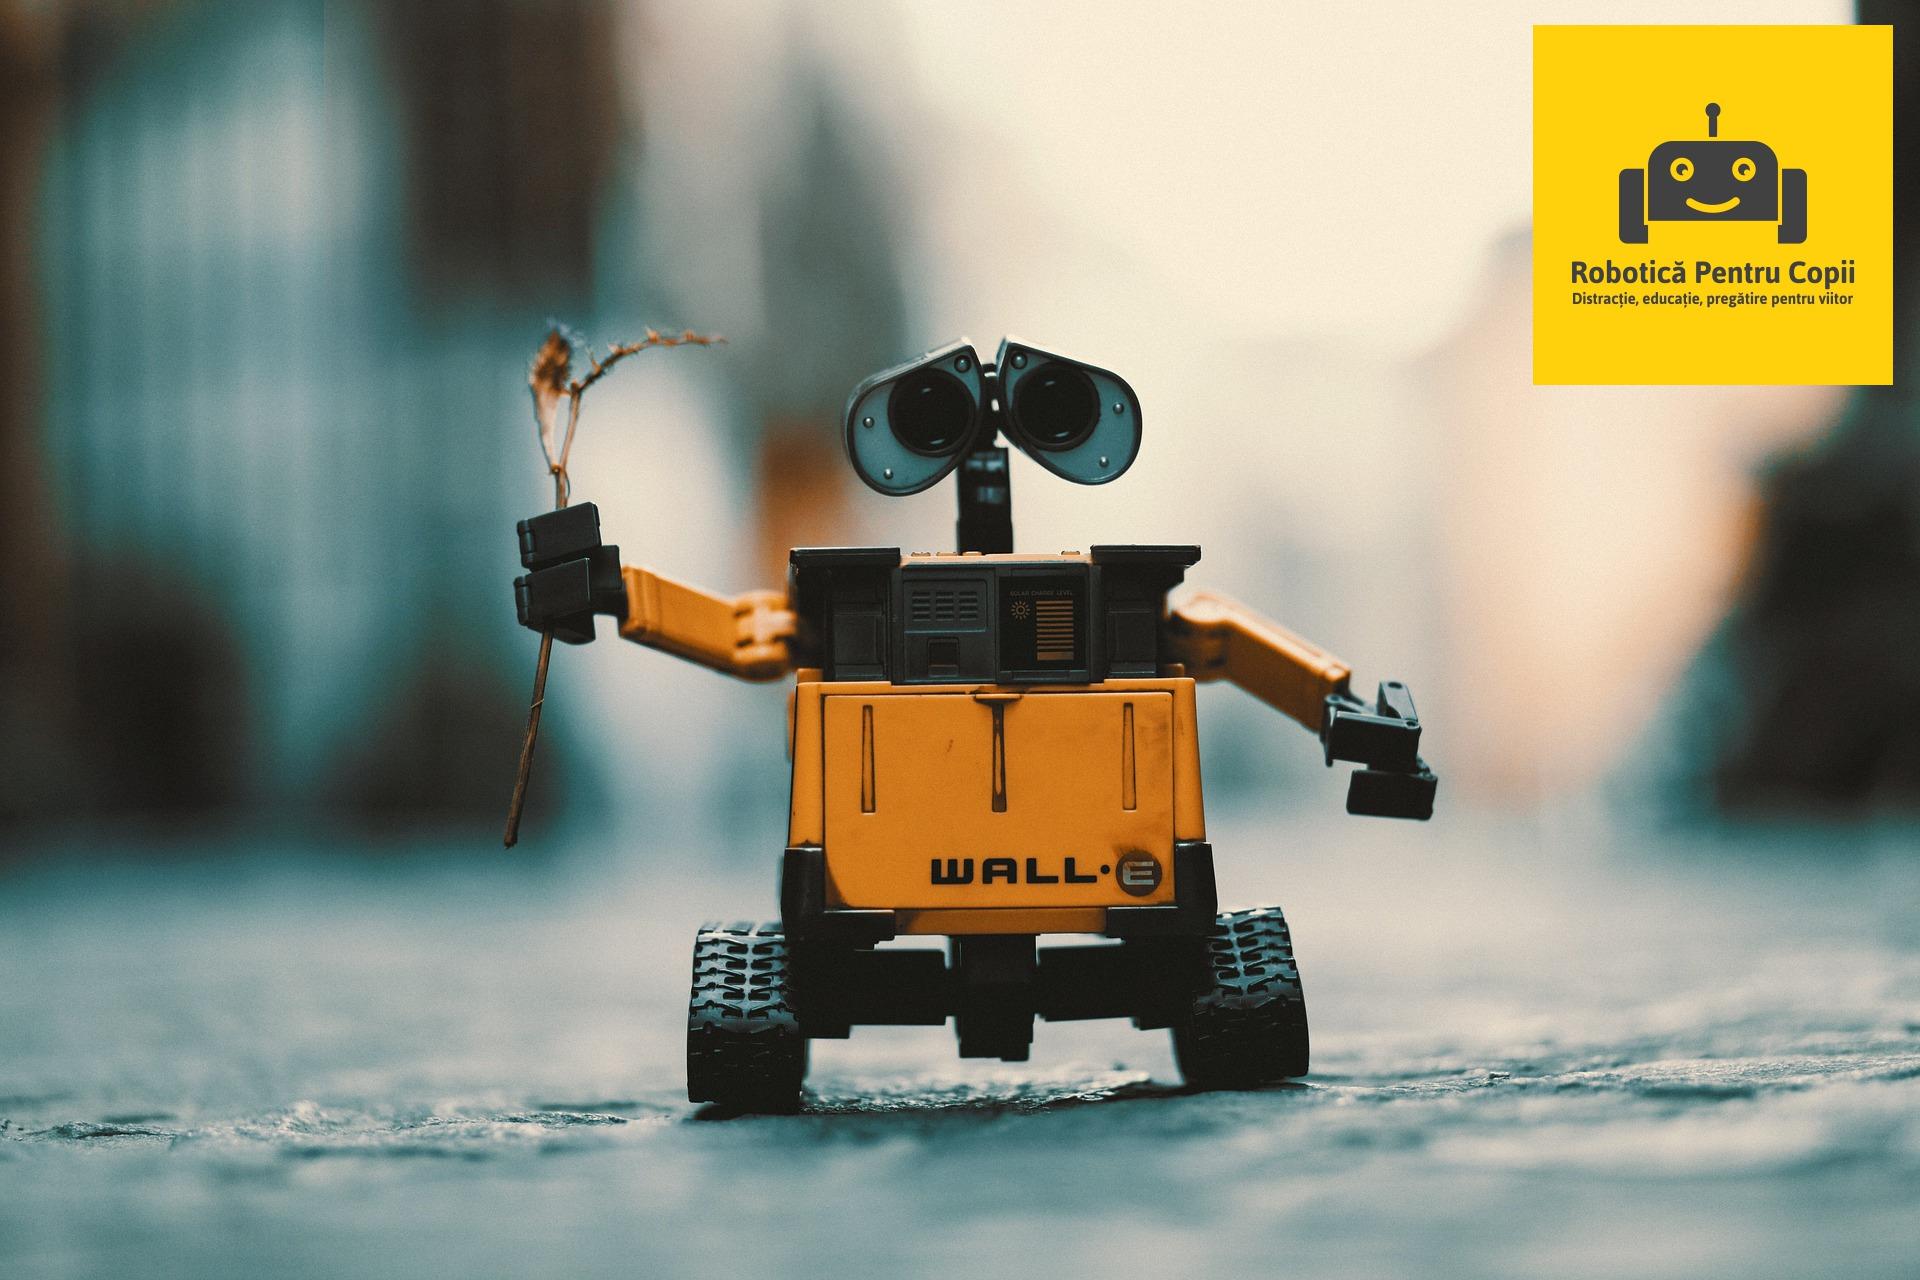 cursuri robotica pentru copii